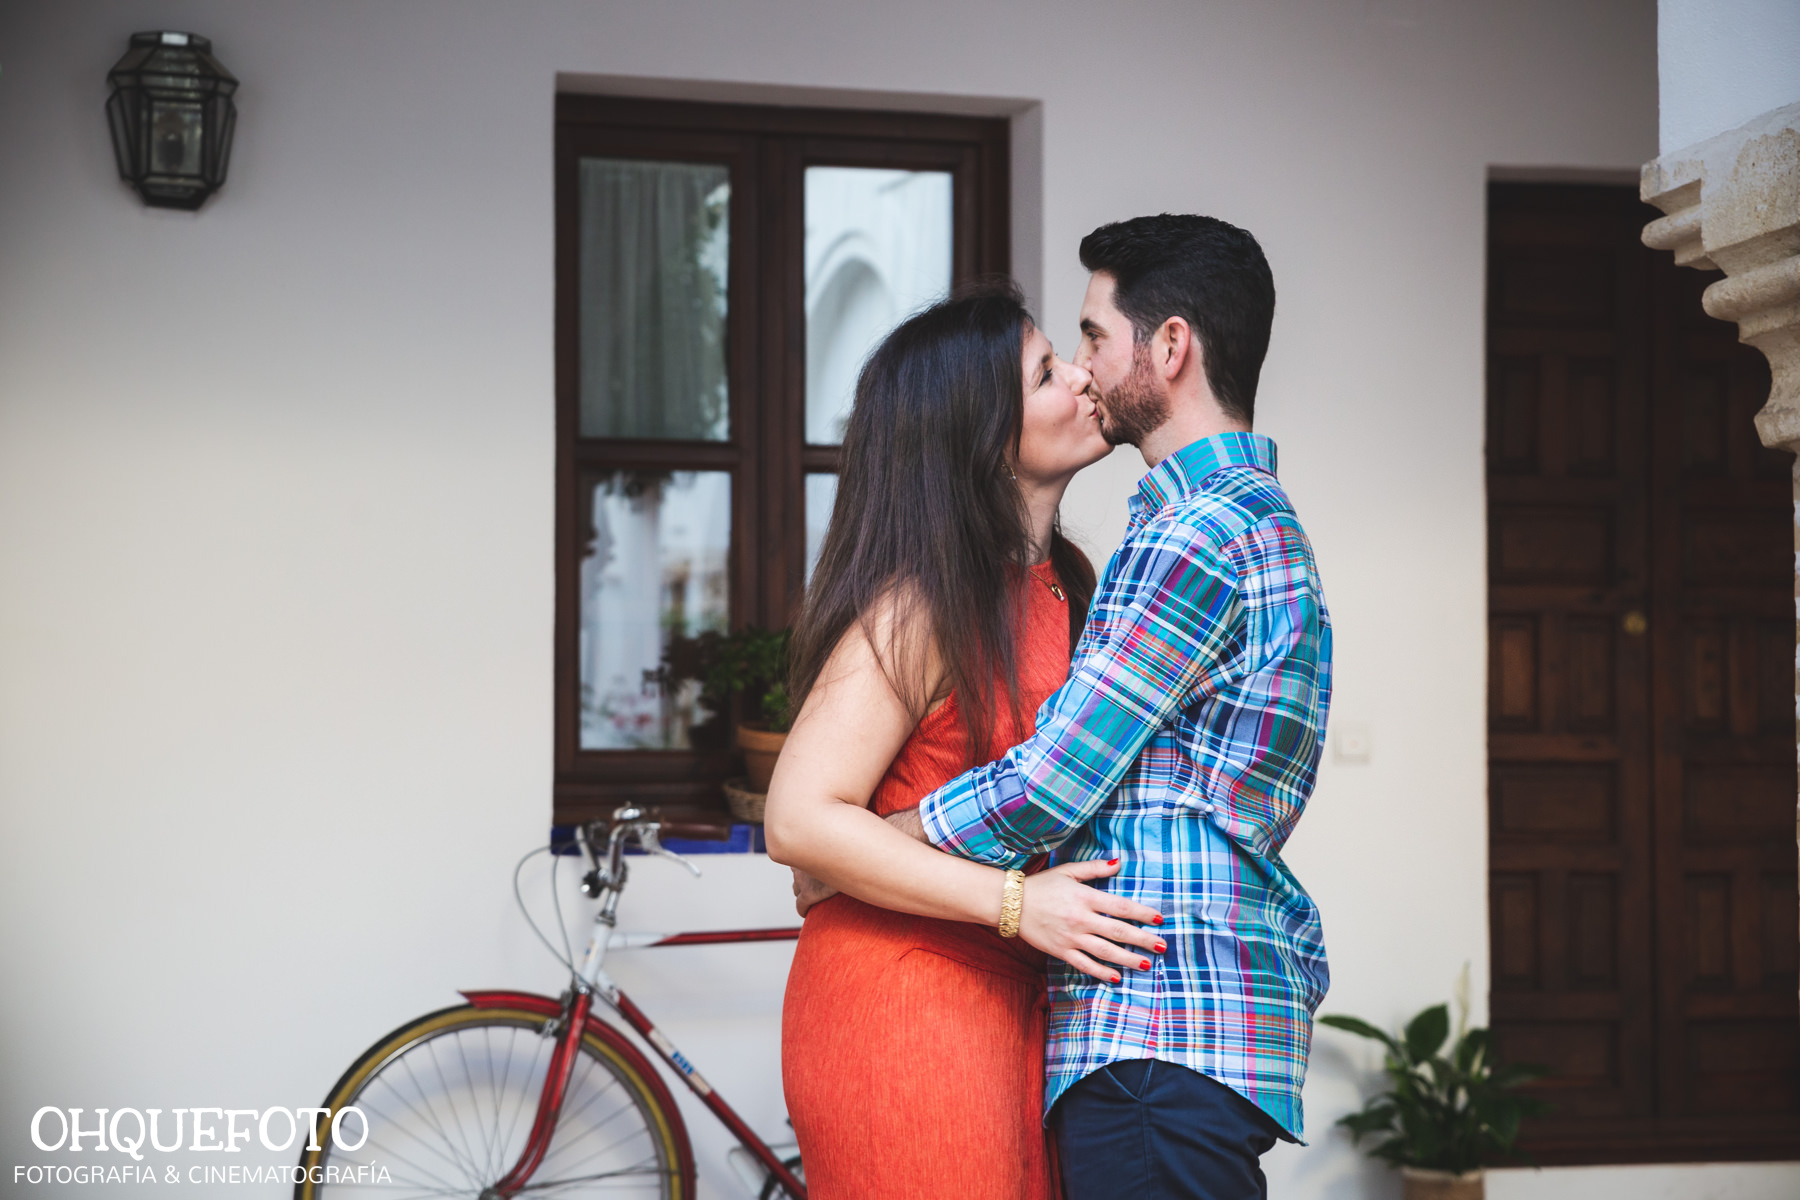 reportaje de preboda en cordoba ohquefoto fotos de boda en la mezquita de cordoba video de boda377 - Preboda en Córdoba de Roberto y Ana Belén